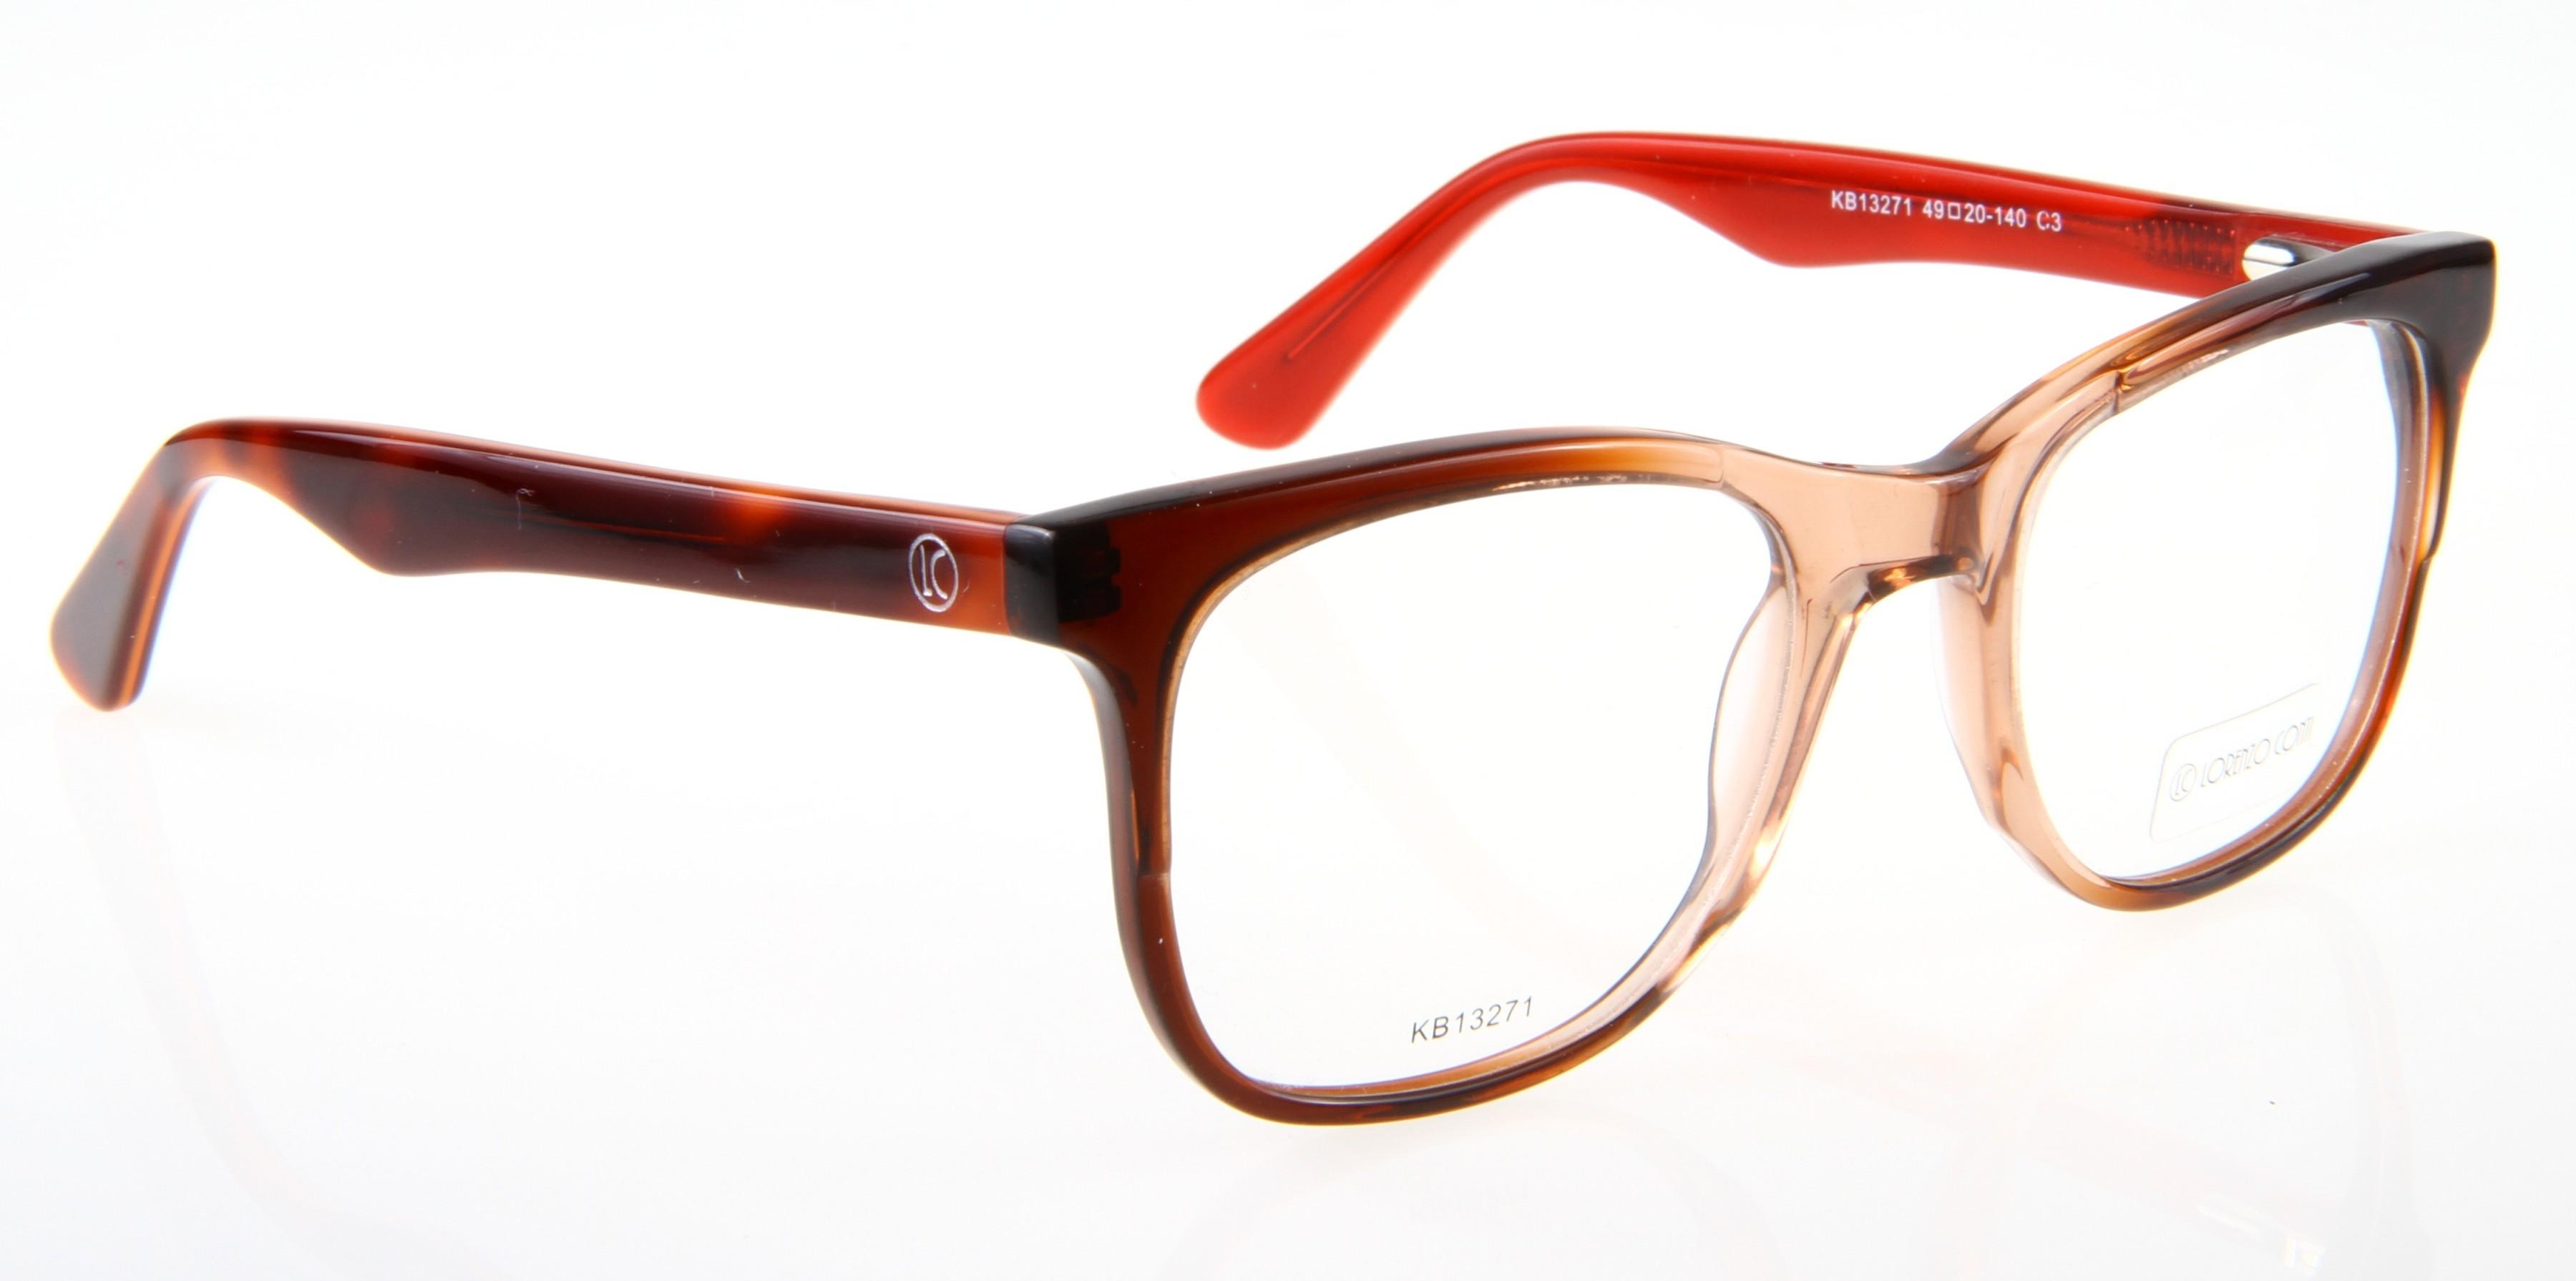 Oprawki okularowe Lorenzo KB13271 c3 brązowo-czerwona